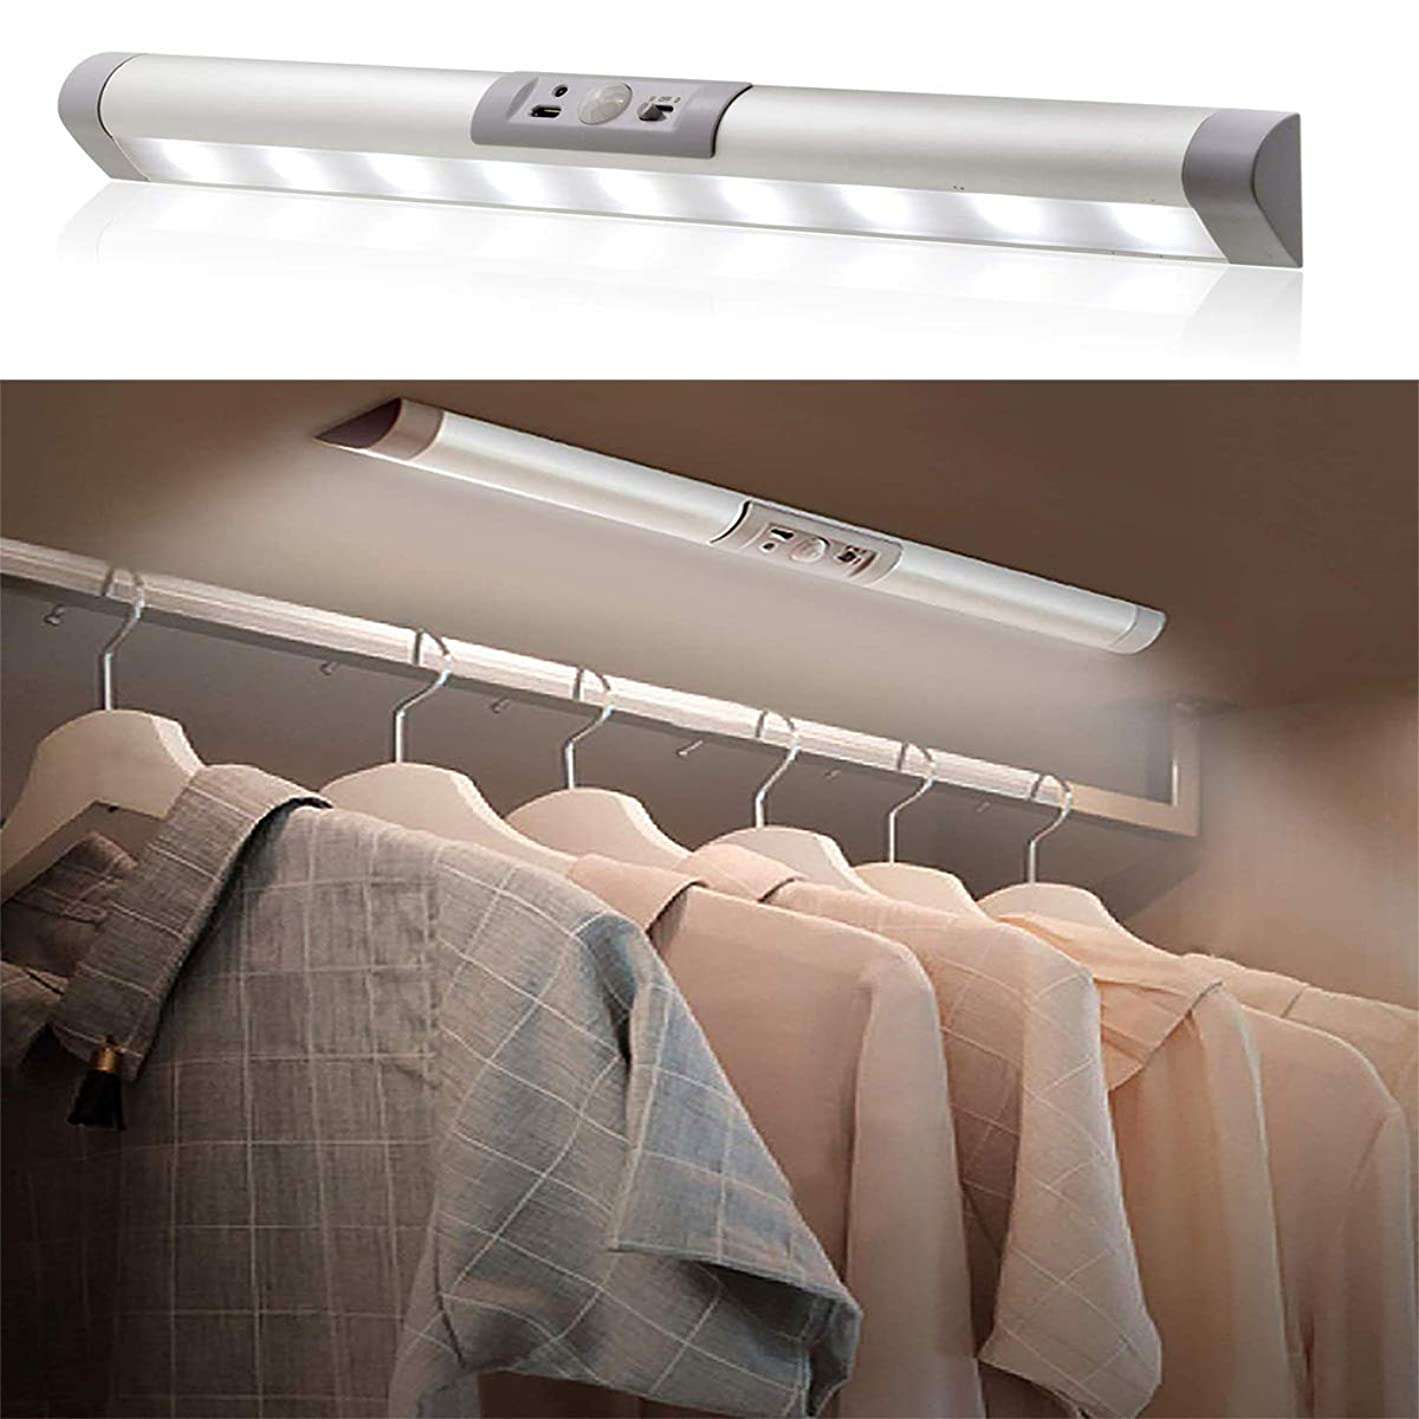 代数厚い哲学的LEDセンサー ライト 室内 人感 USB 充電式 3つモード キッチンライト 配線不要 マグネット付き 貼り付け式 足元灯 目に優しい 明るい 高感度 超寿命 省エネ 棚下ライト 夜間照明 寝室/授乳用/クローゼット/玄関/廊下/階段ライトに最適